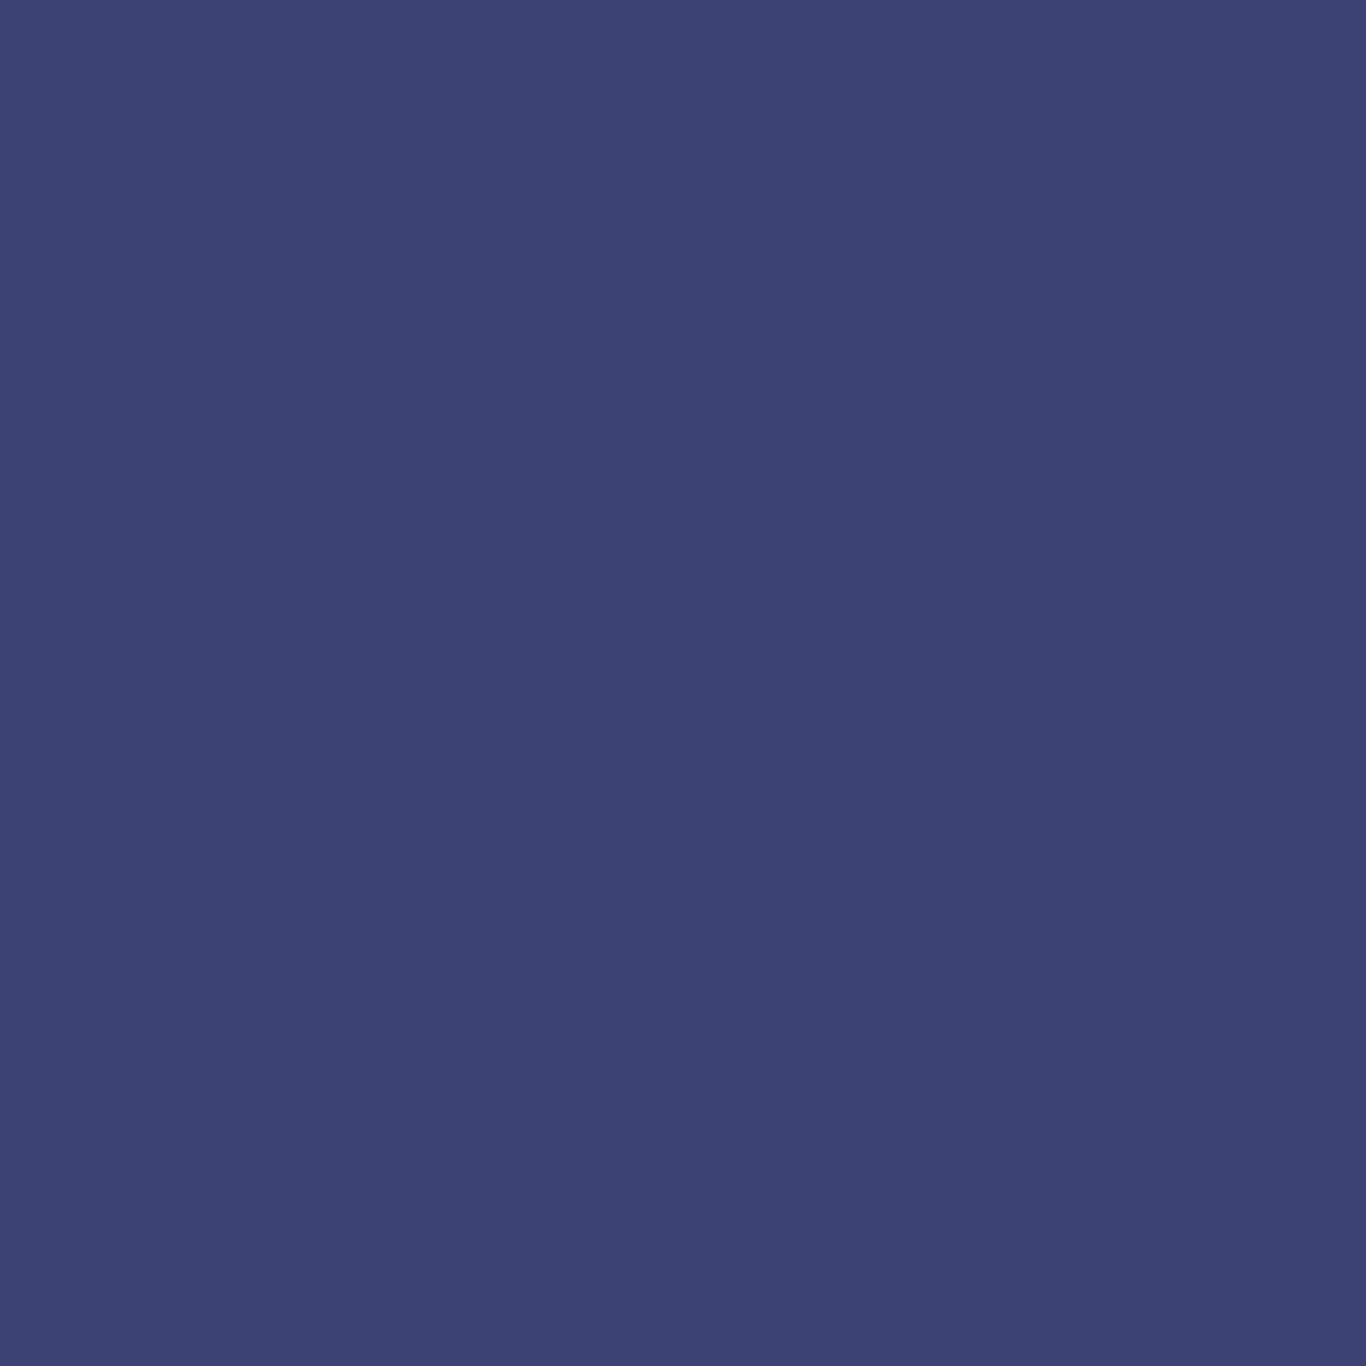 Zoffany Paint Lazuli